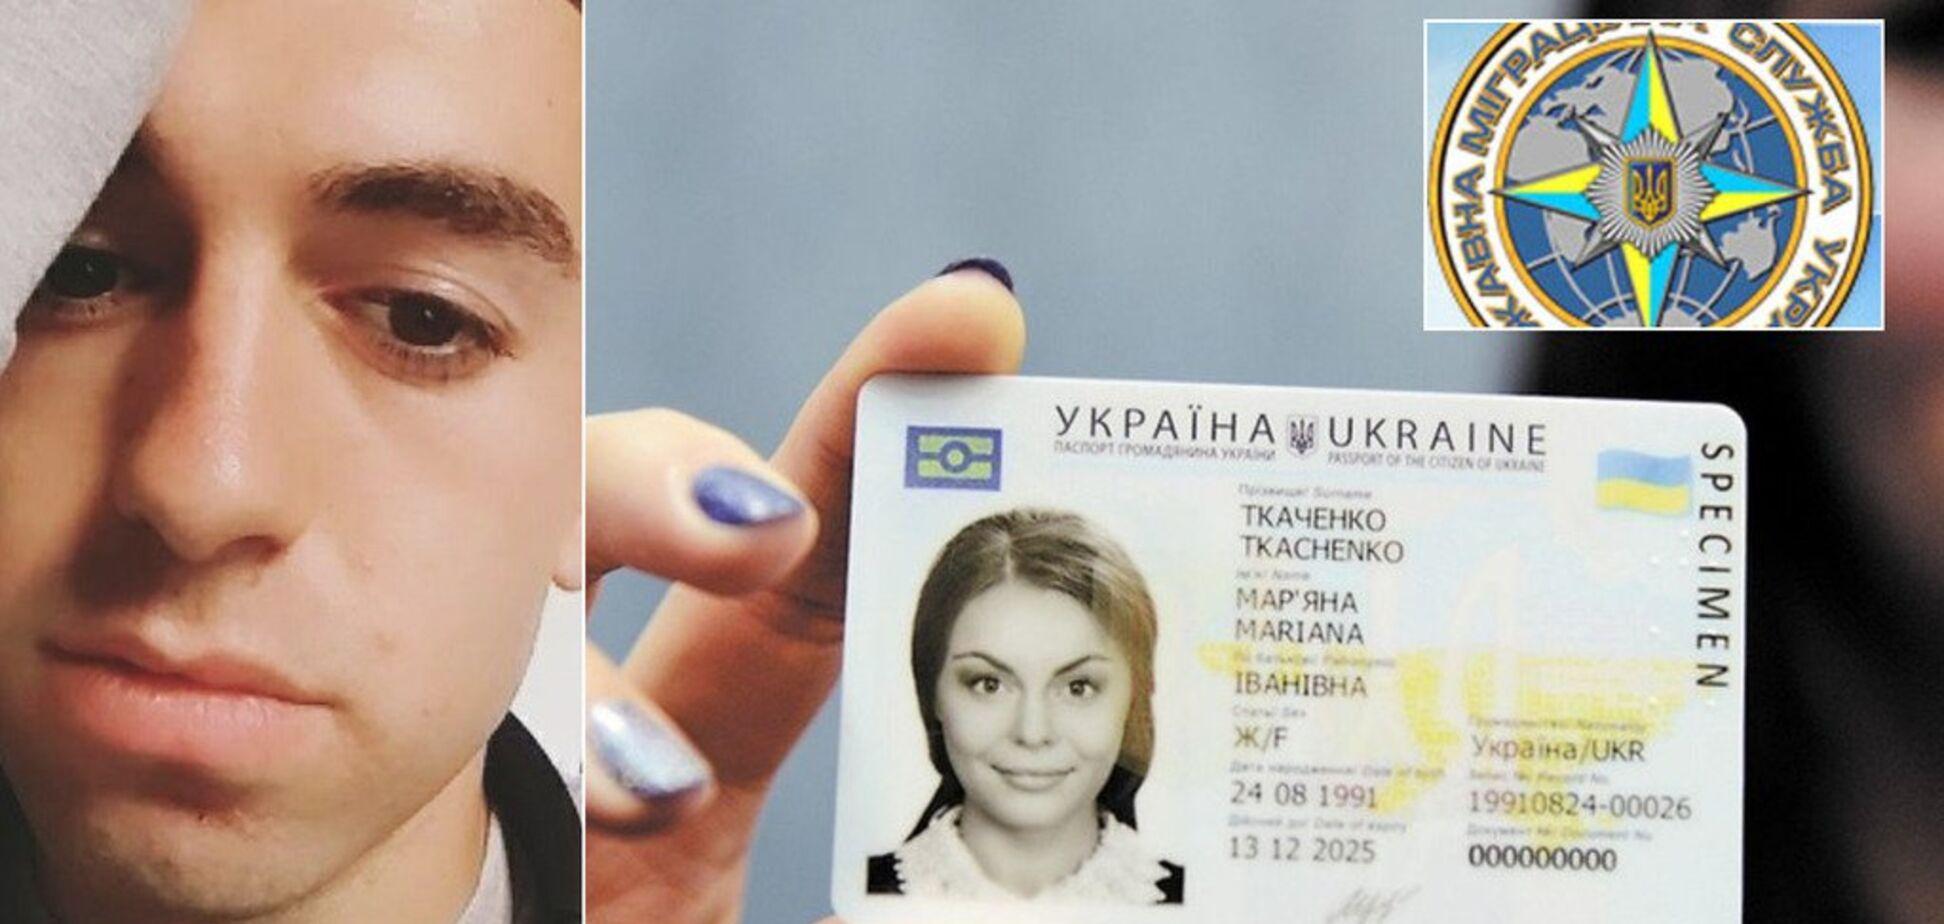 Отказывают в гражданстве, но хотят забрать в армию: в Украине разгорелся паспортный скандал